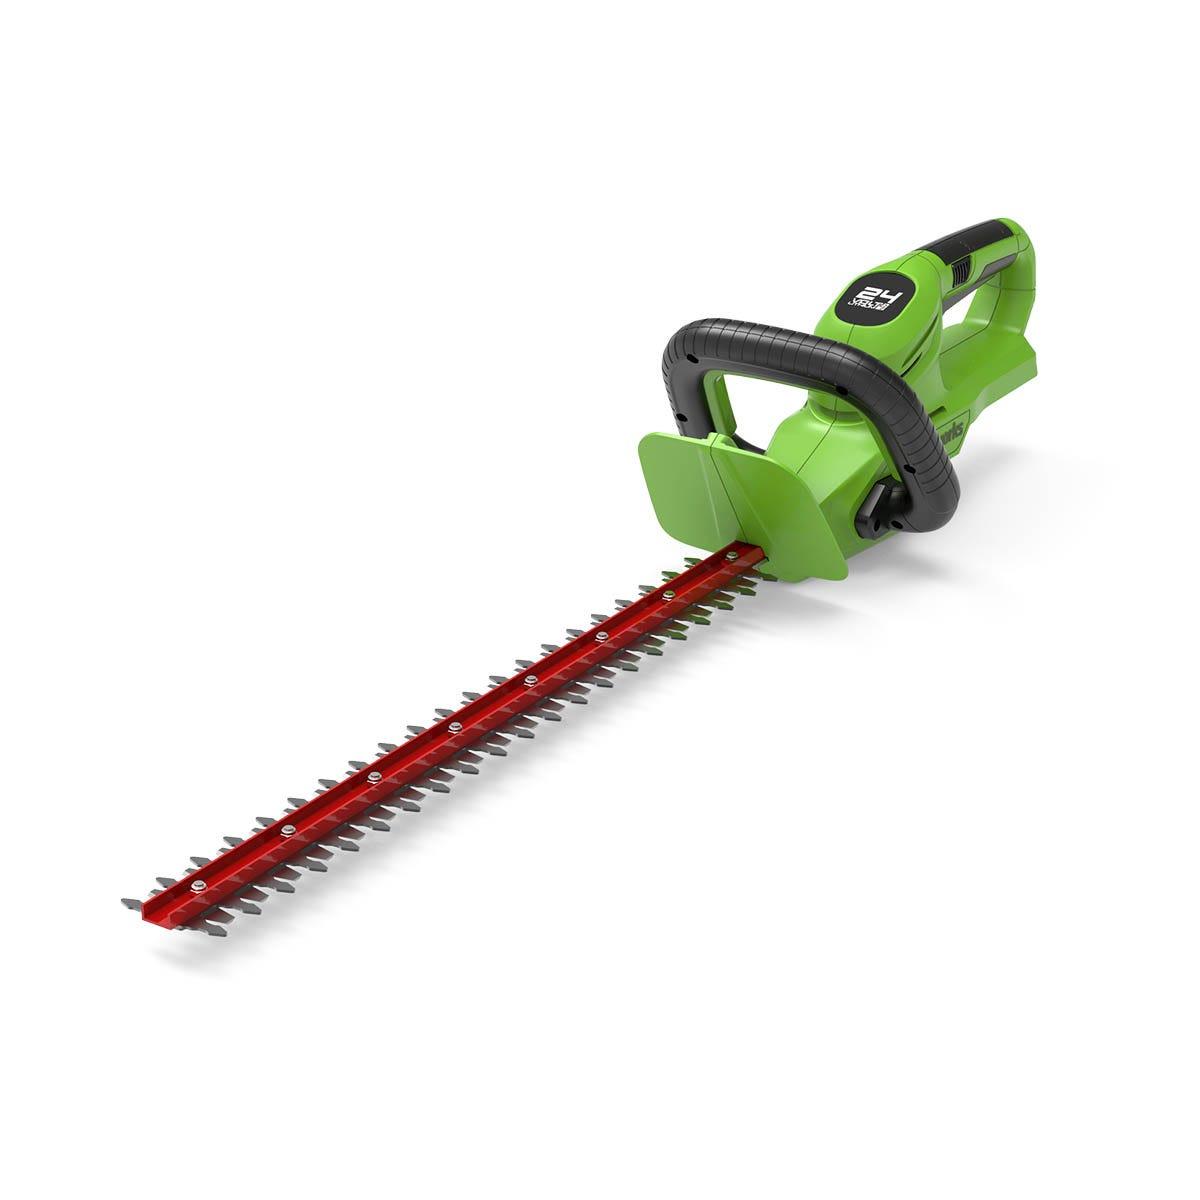 Greenworks 24V Cordless 56cm Hedge Trimmer (Tool Only)